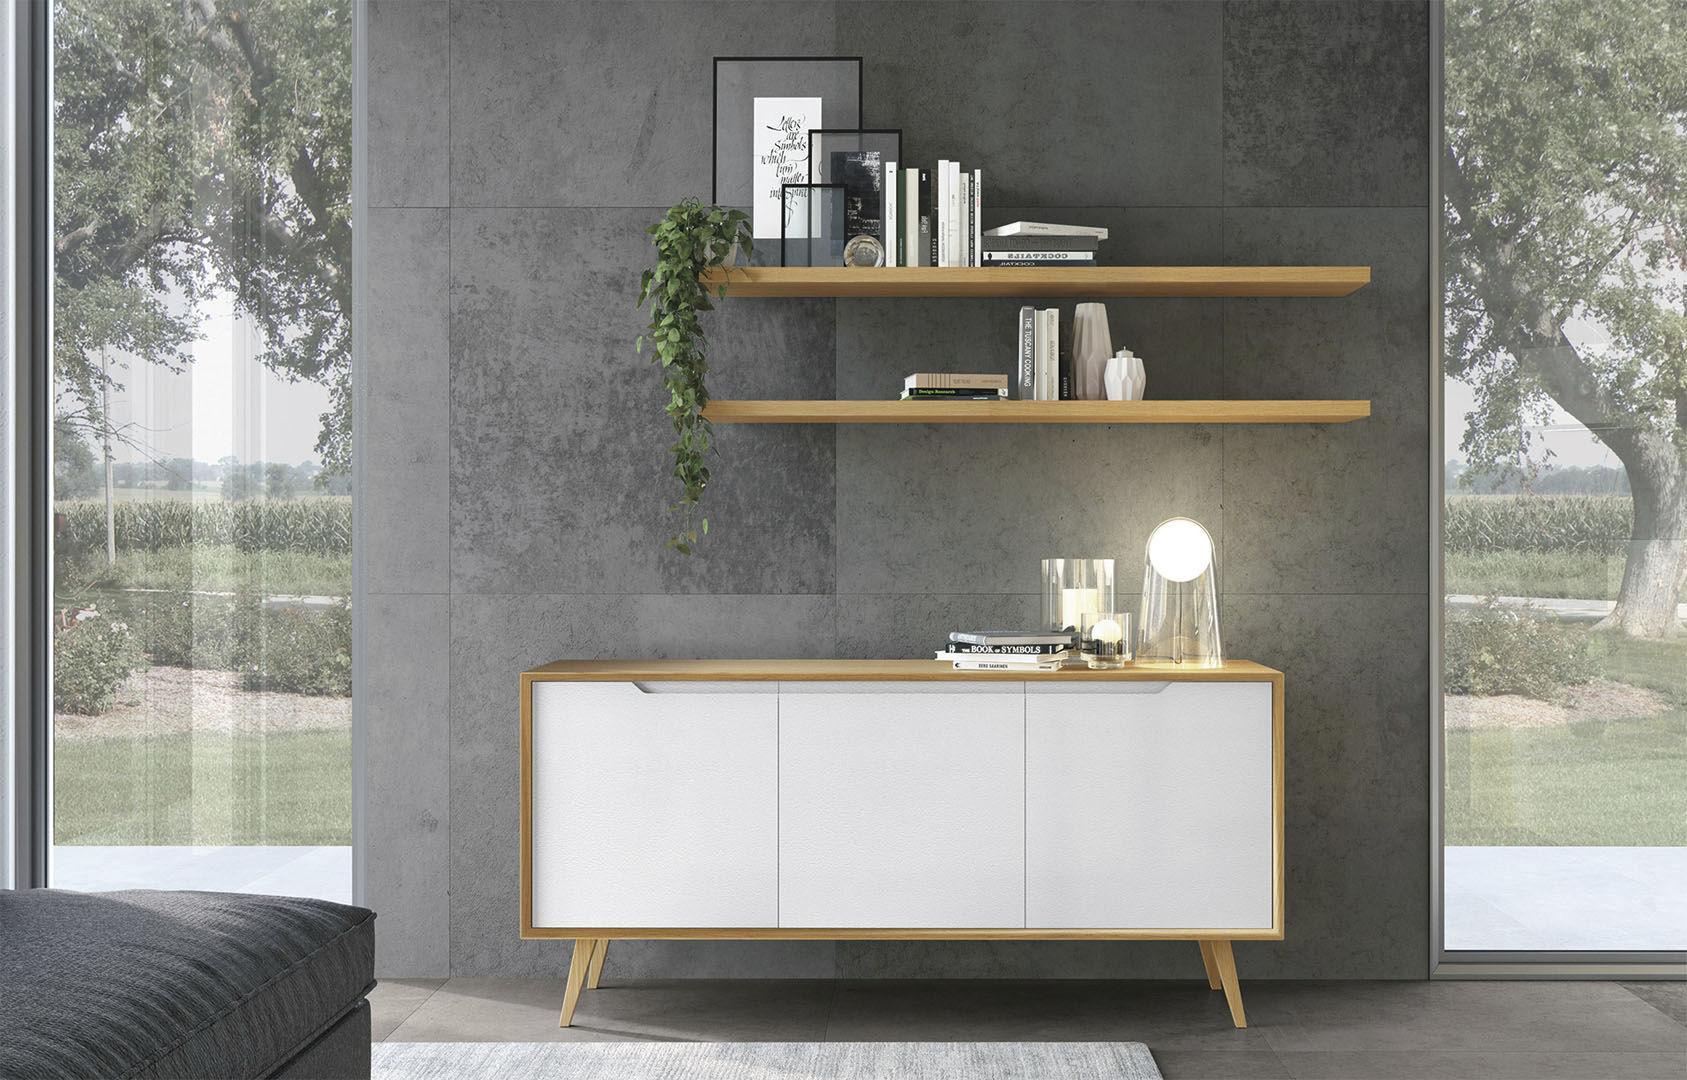 Credenza moderna / in legno / con ripiano / bianca - LUNA - CUCINE LUBE